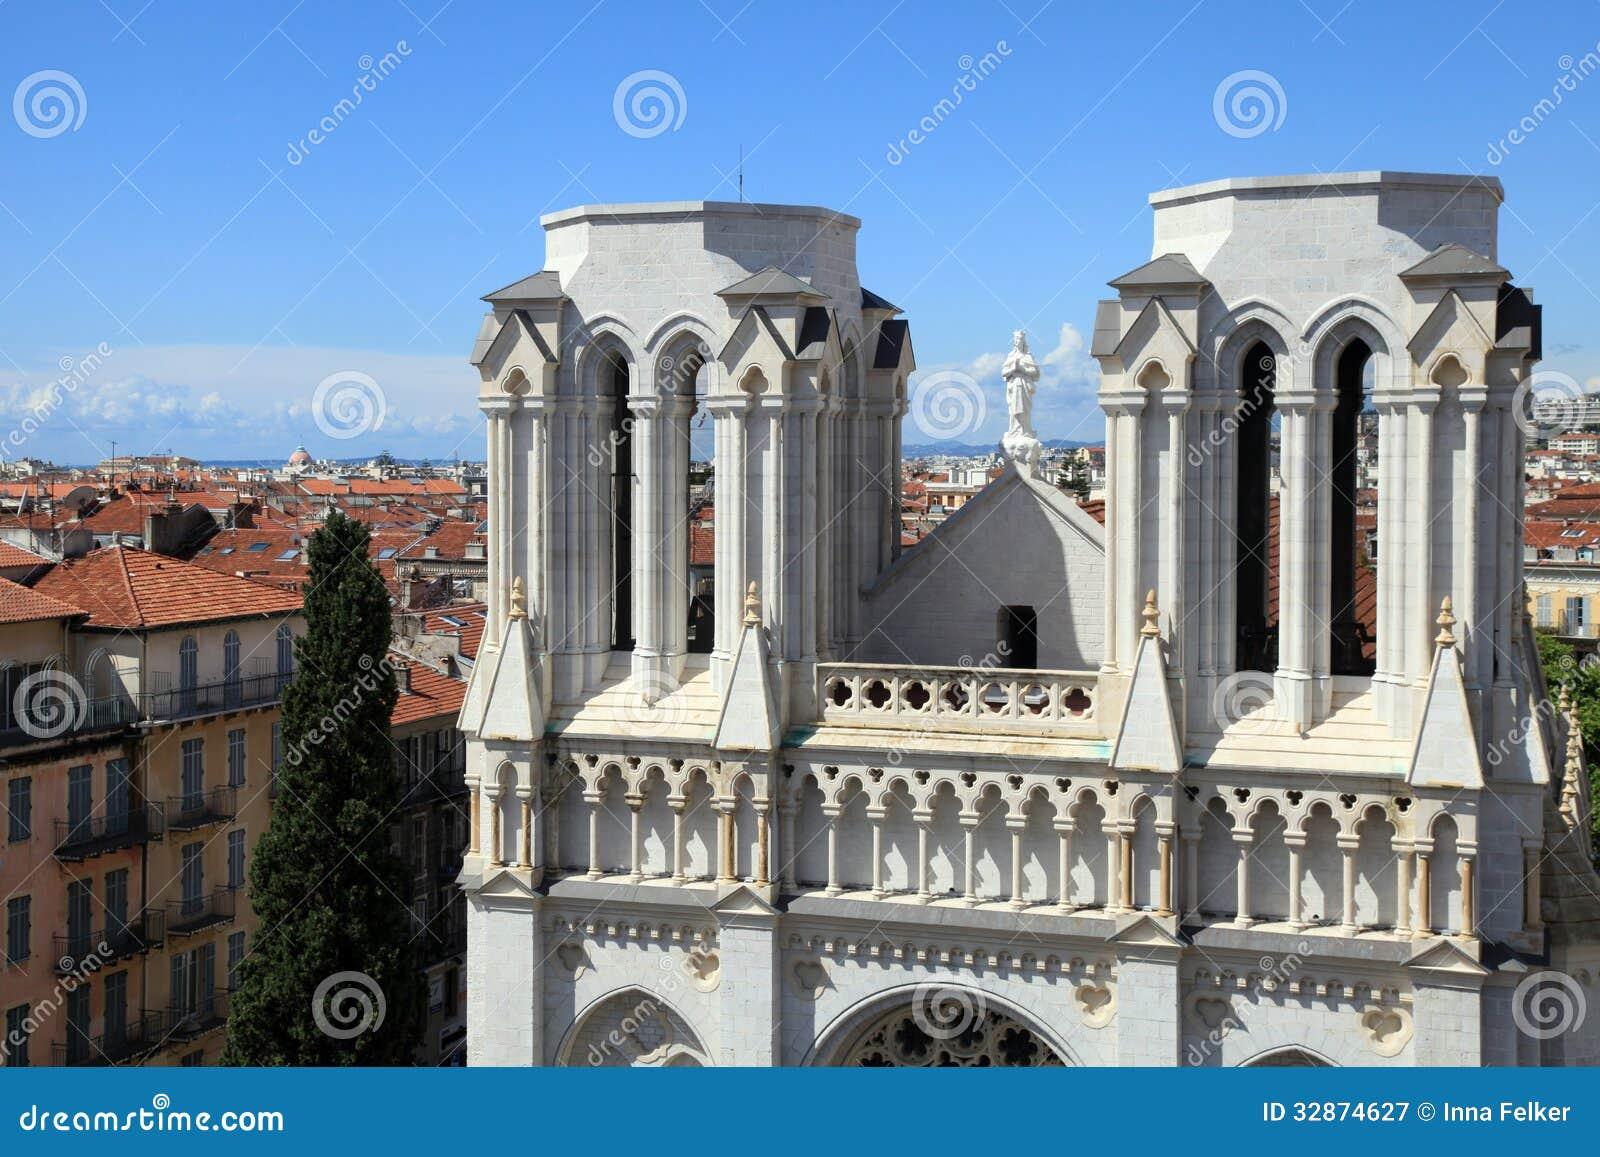 Basilique Notre Dame de Nice e telhados de telha vermelha no centro de